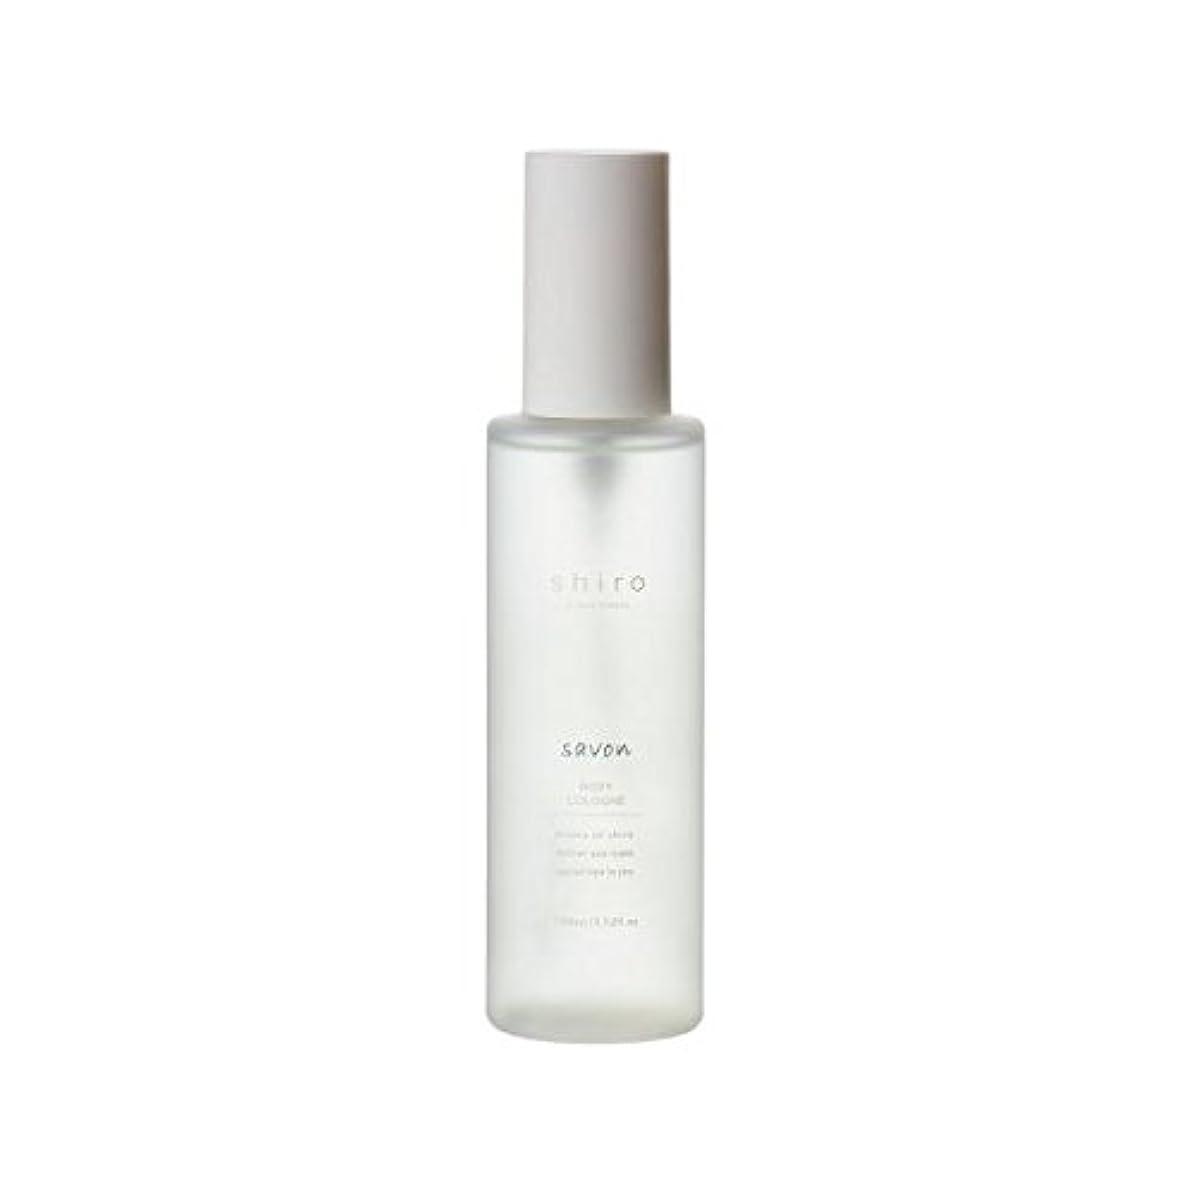 ファイル咽頭電池shiro サボン ボディコロン 100ml 清潔で透明感のある自然な石けんの香り ミスト シロ